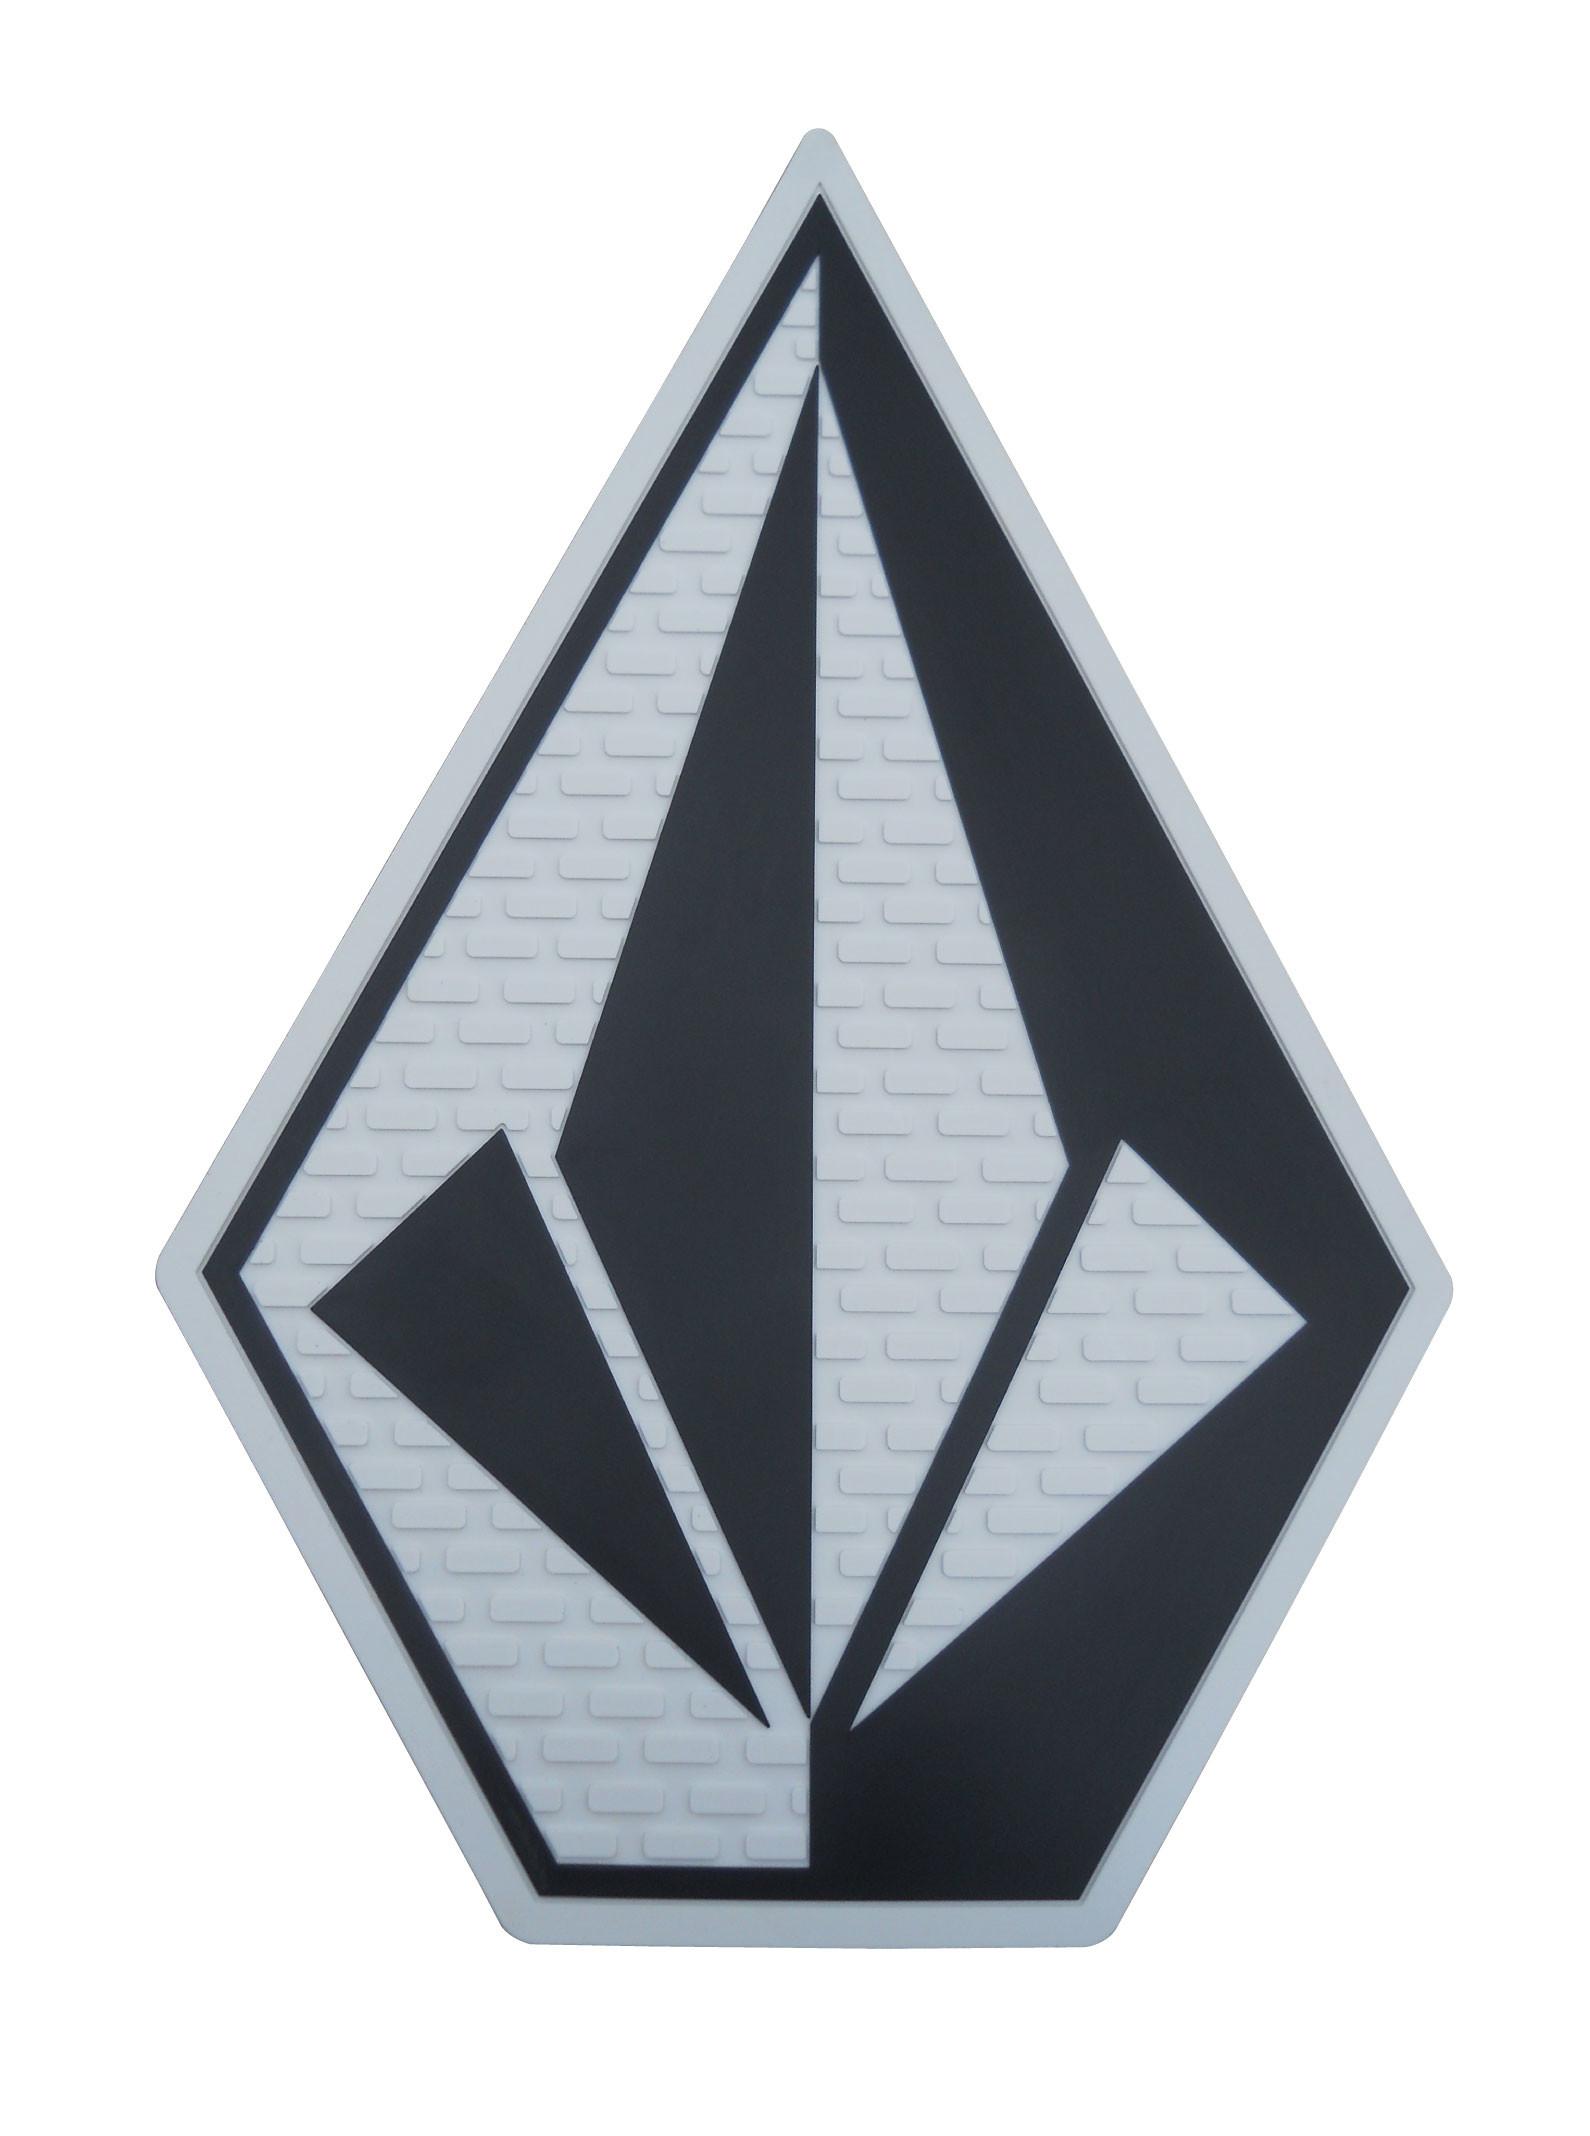 volcom logo wallpaper 183��